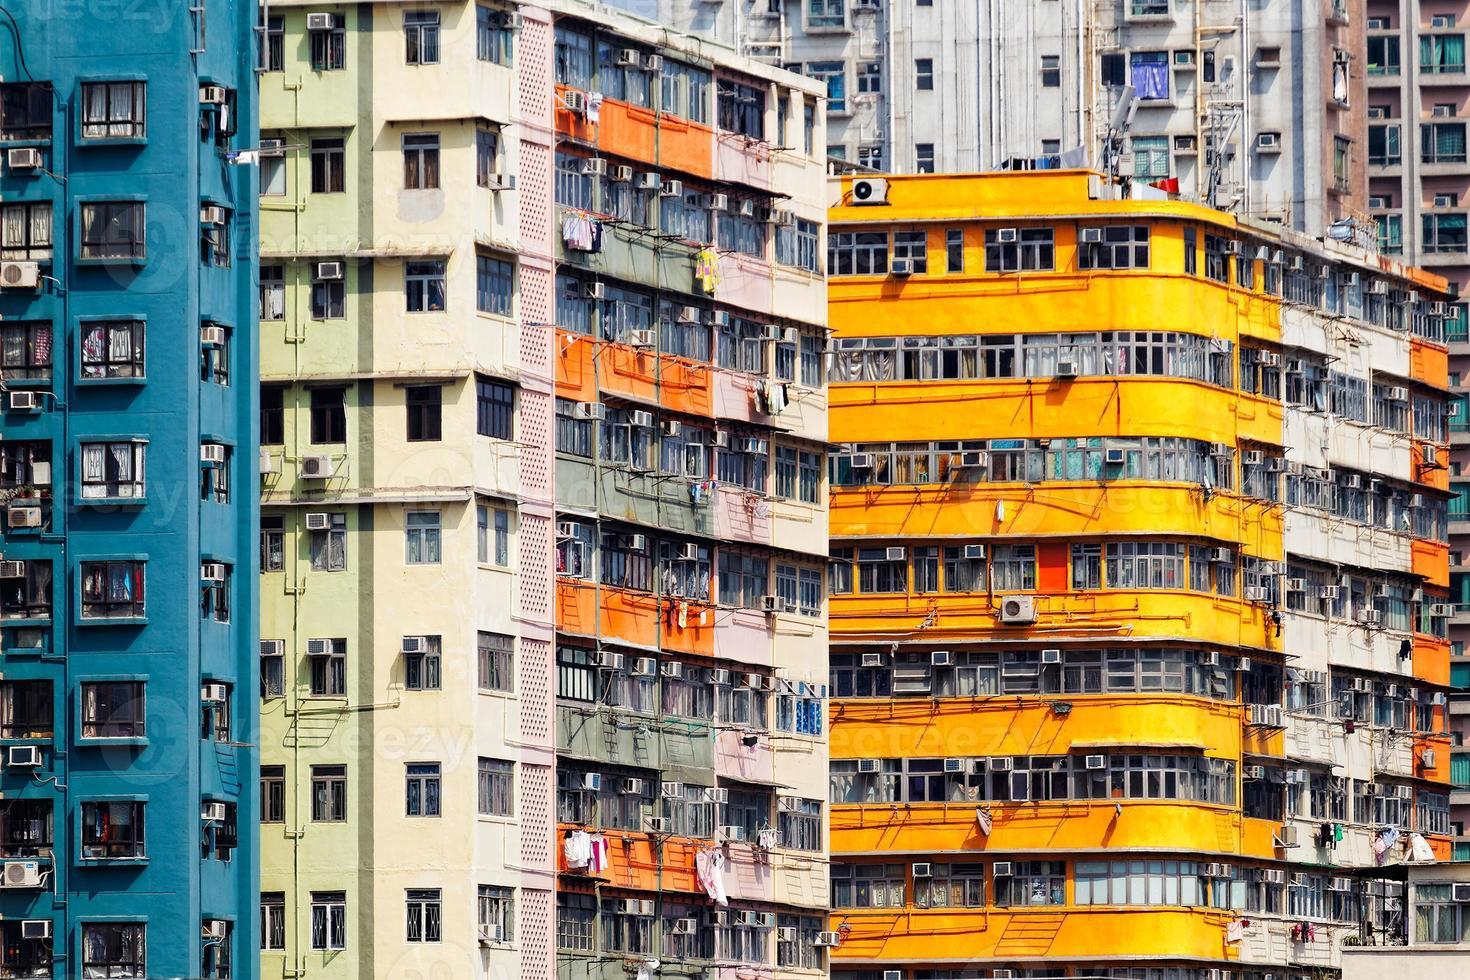 Old apartments in Hong Kong photo